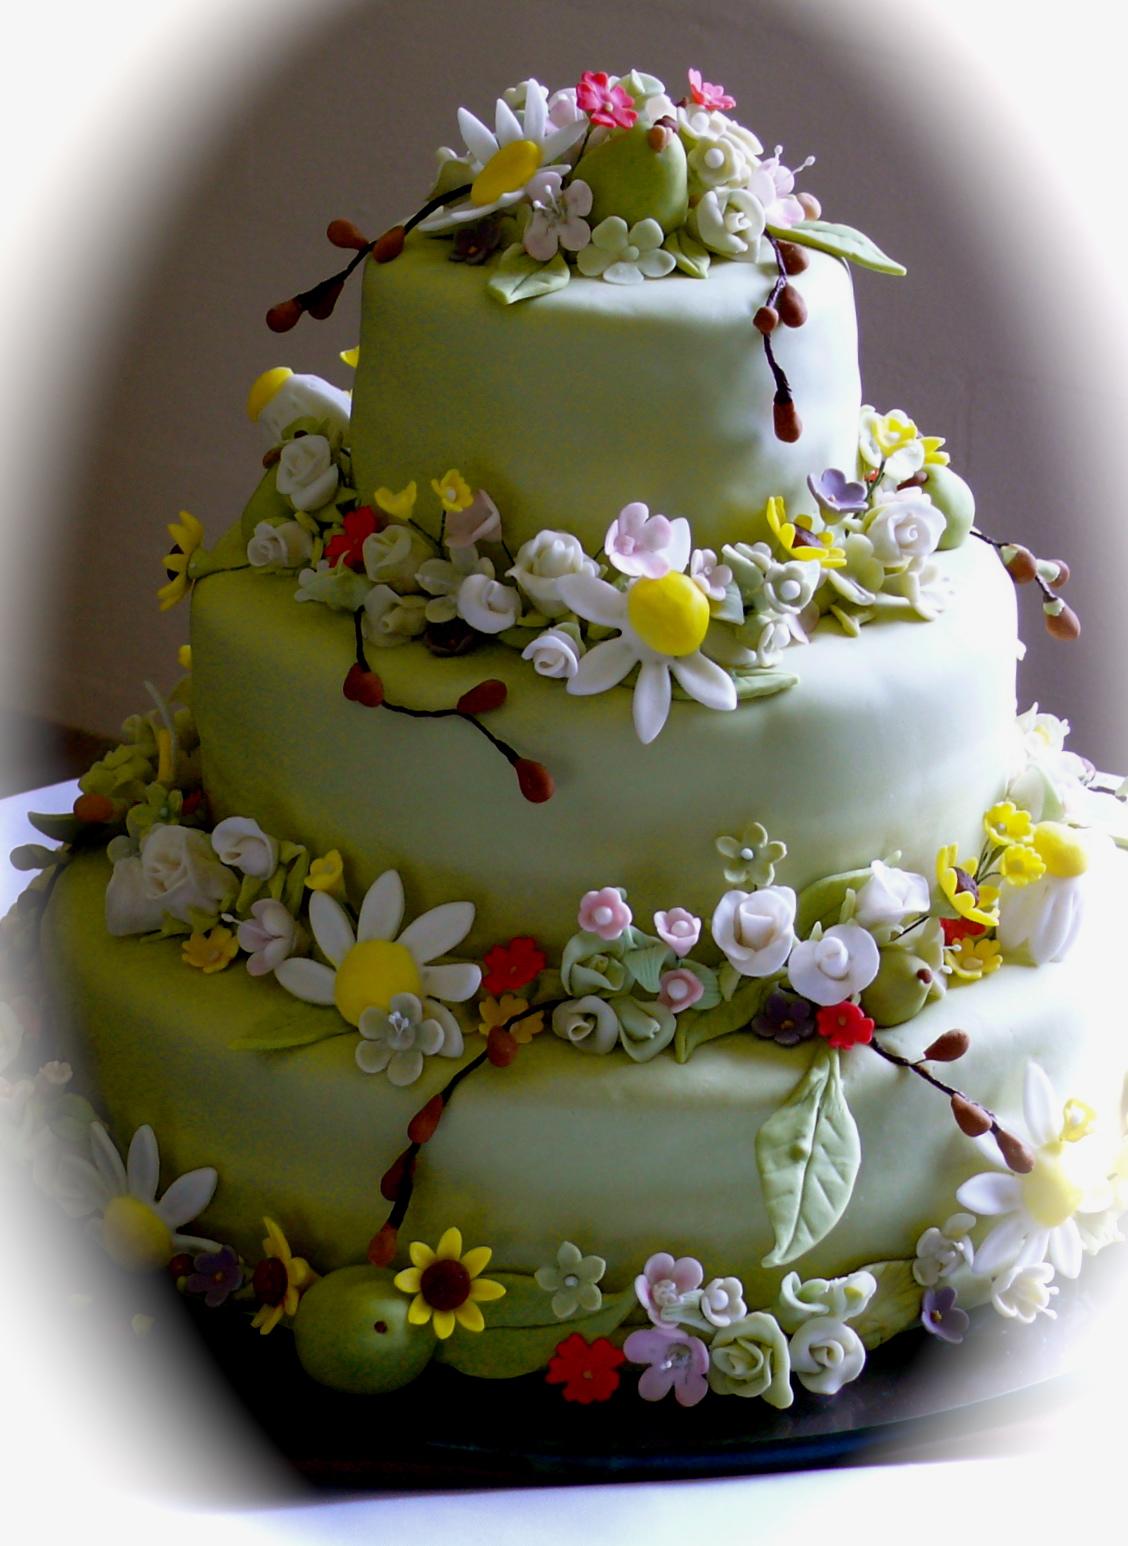 evolution of a party garden flower wedding cake. Black Bedroom Furniture Sets. Home Design Ideas